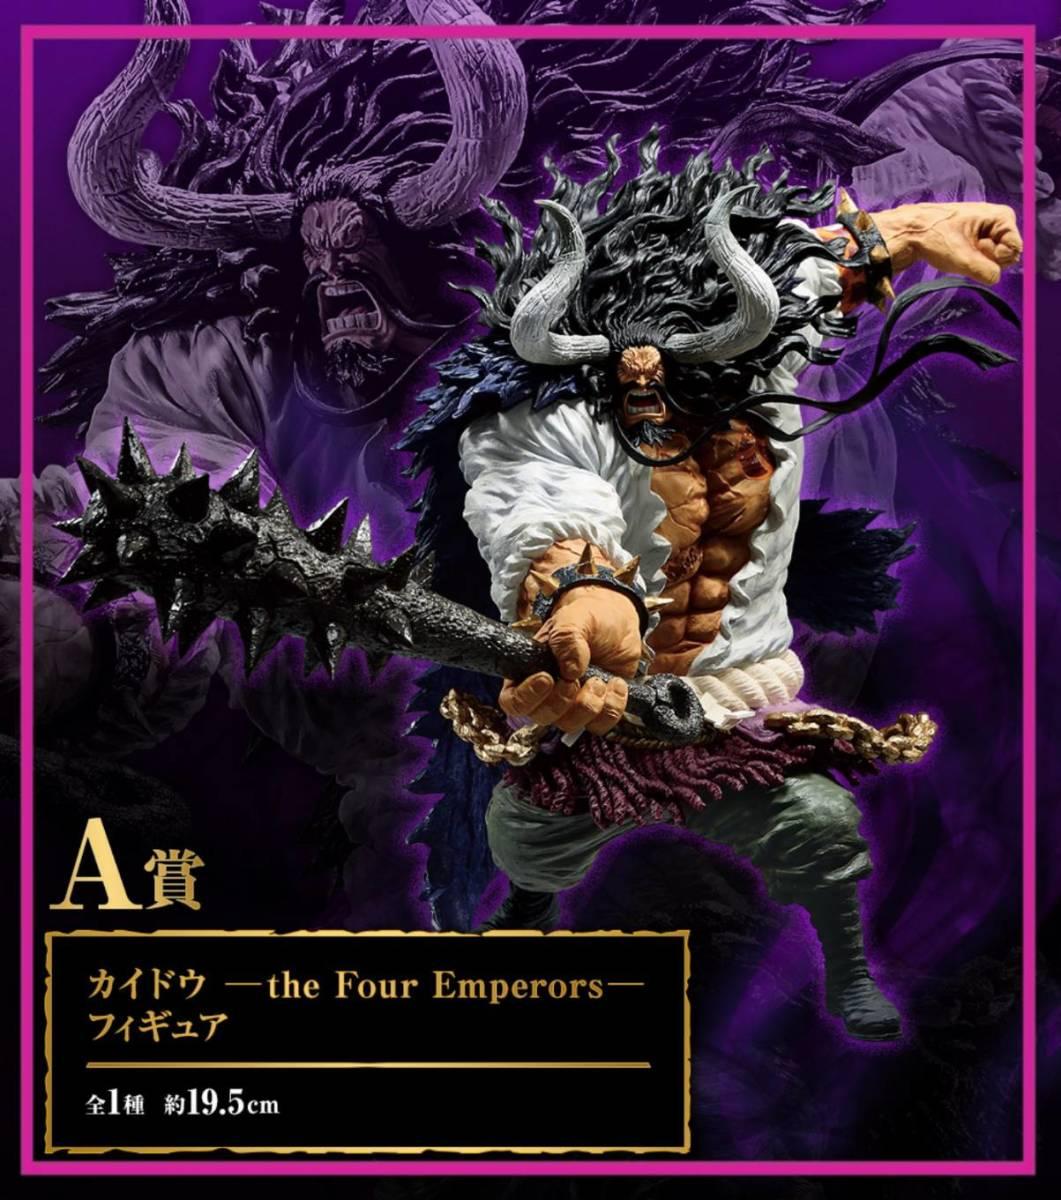 一番くじ ワンピース Best of Omnibus A賞 カイドウ – the Four Emperors -フィギュア [新品・未開封]同梱可能 即決あり(残9体)